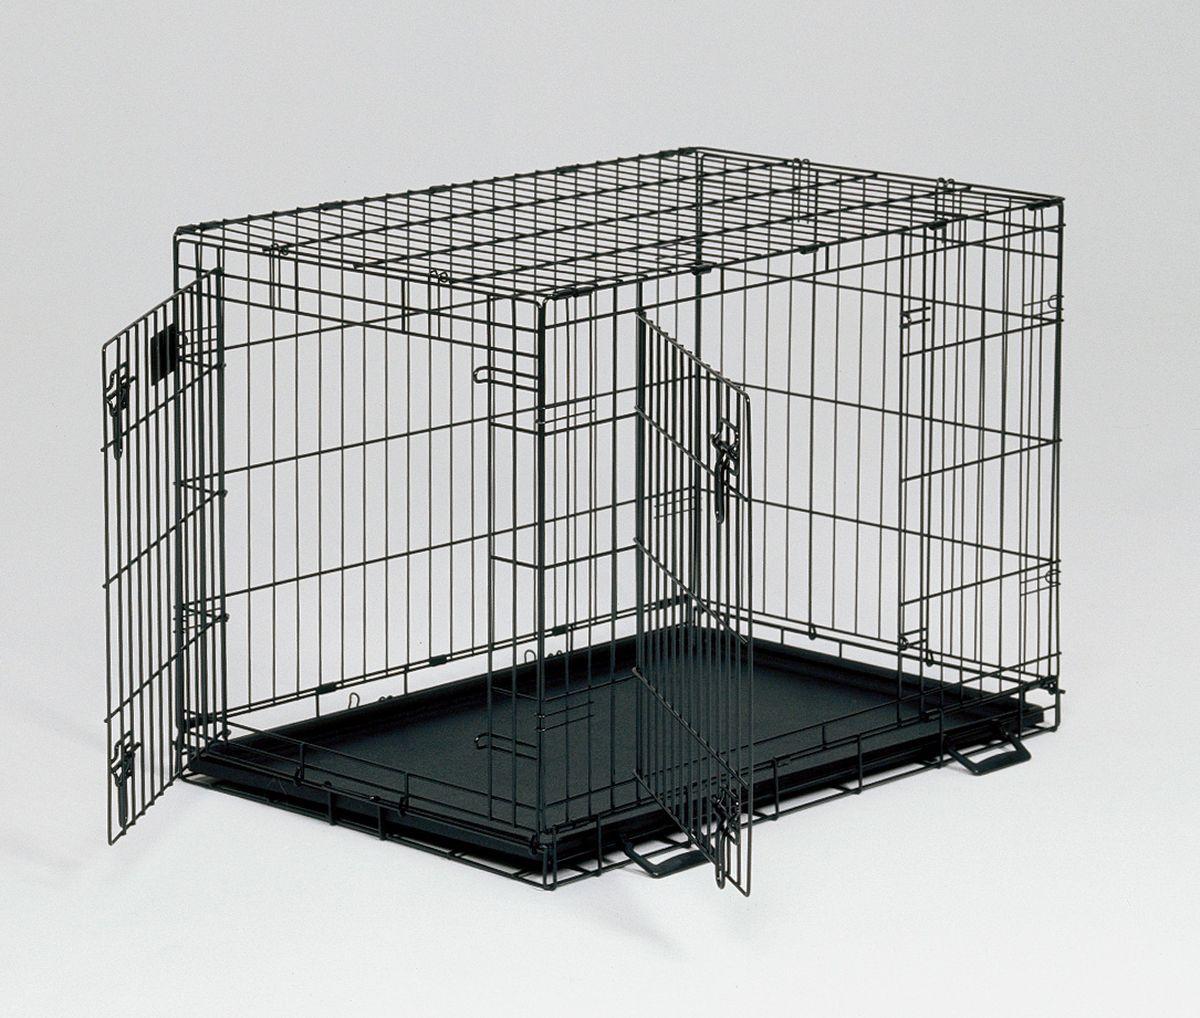 Клетка Midwest Life Stage, 2 двери, 91 x 61 x 69 см1636DDКлетка Midwest  Life Stag A.C.E. разработана специально для транспортировки средних и крупных собак. Закругленная угловая защита обеспечивает безопасность питомцам и людям. Клетка из нержавеющей стали оснащена: - двумя надежными дверками; - безопасным двойным замком (задвижка закрывает и снаружи и внутри); - прочным пластиковым поддоном, который не повреждает поверхность, на которой размещается; - разделяющей панелью, обеспечивающей создание универсальных отсеков; - качественными ручками для переноски питомца.Размер клетки (ДхШхВ): 91 x 61 x 69 см. Вес конструкции: 13,6 кг.Товар сертифицирован.